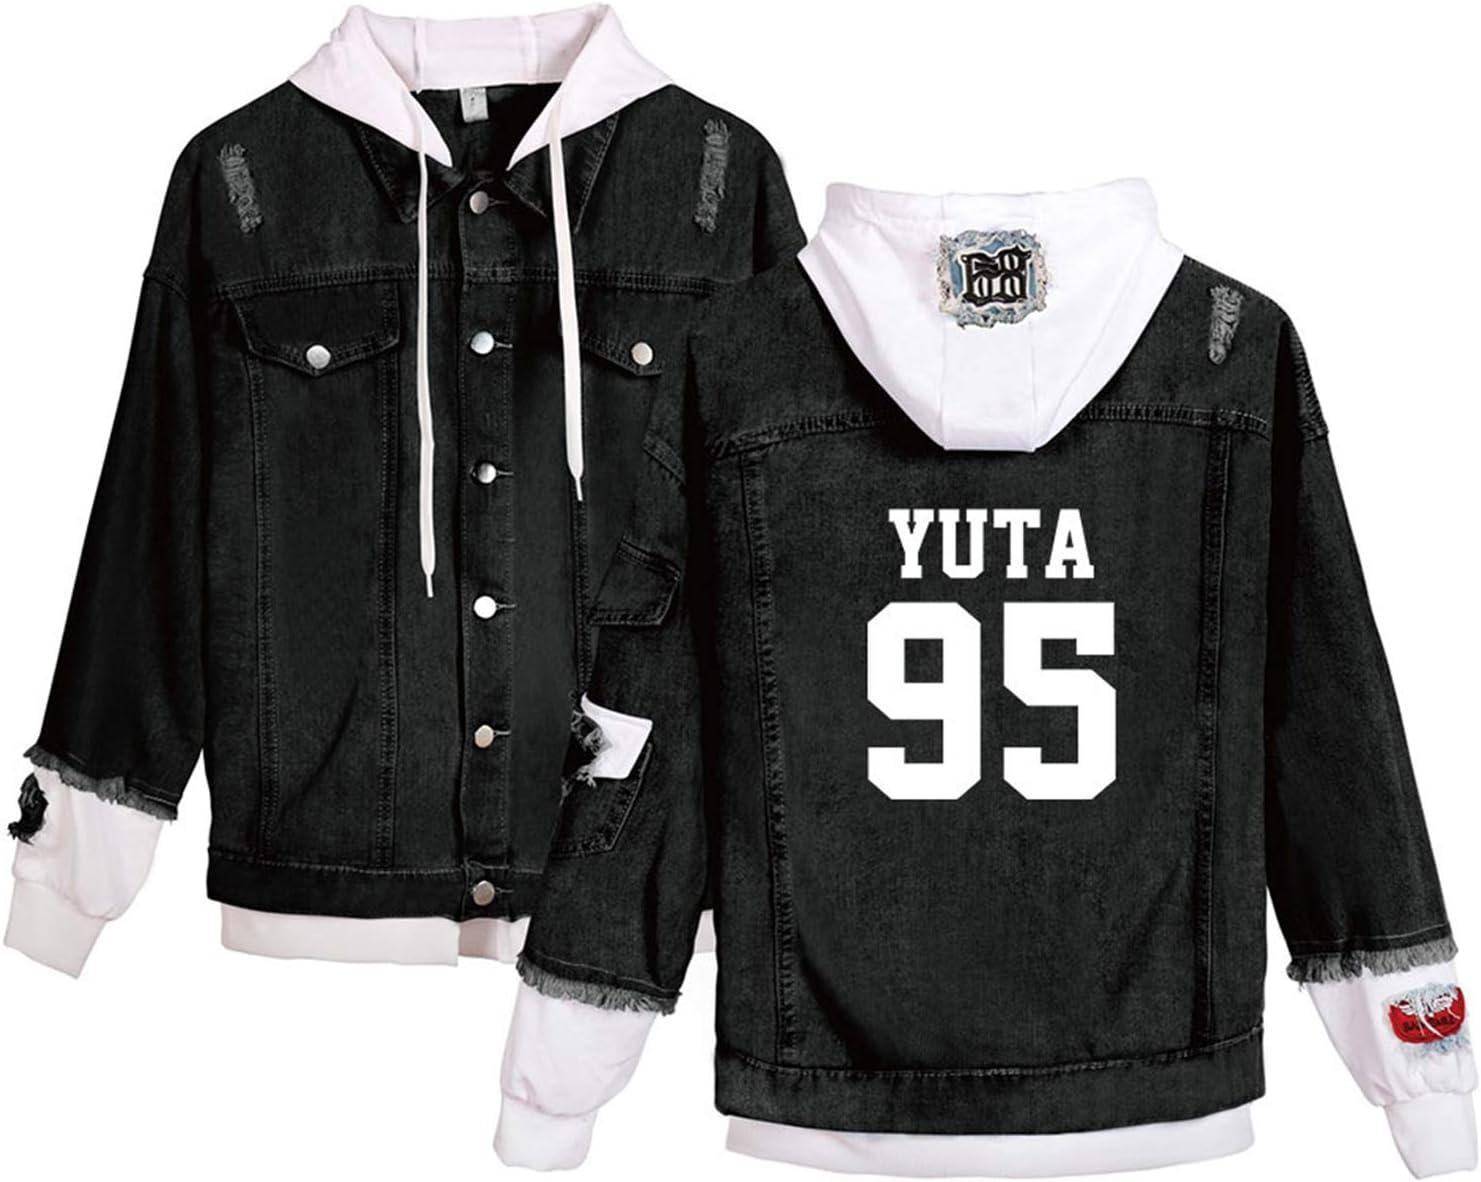 CHAIRAY Kpop NCT 127 Hoodie Jacket Mark Yuta Jungwoo Johnny Hip Hop Denim Sweatshirt Patchwork Sweater Coat